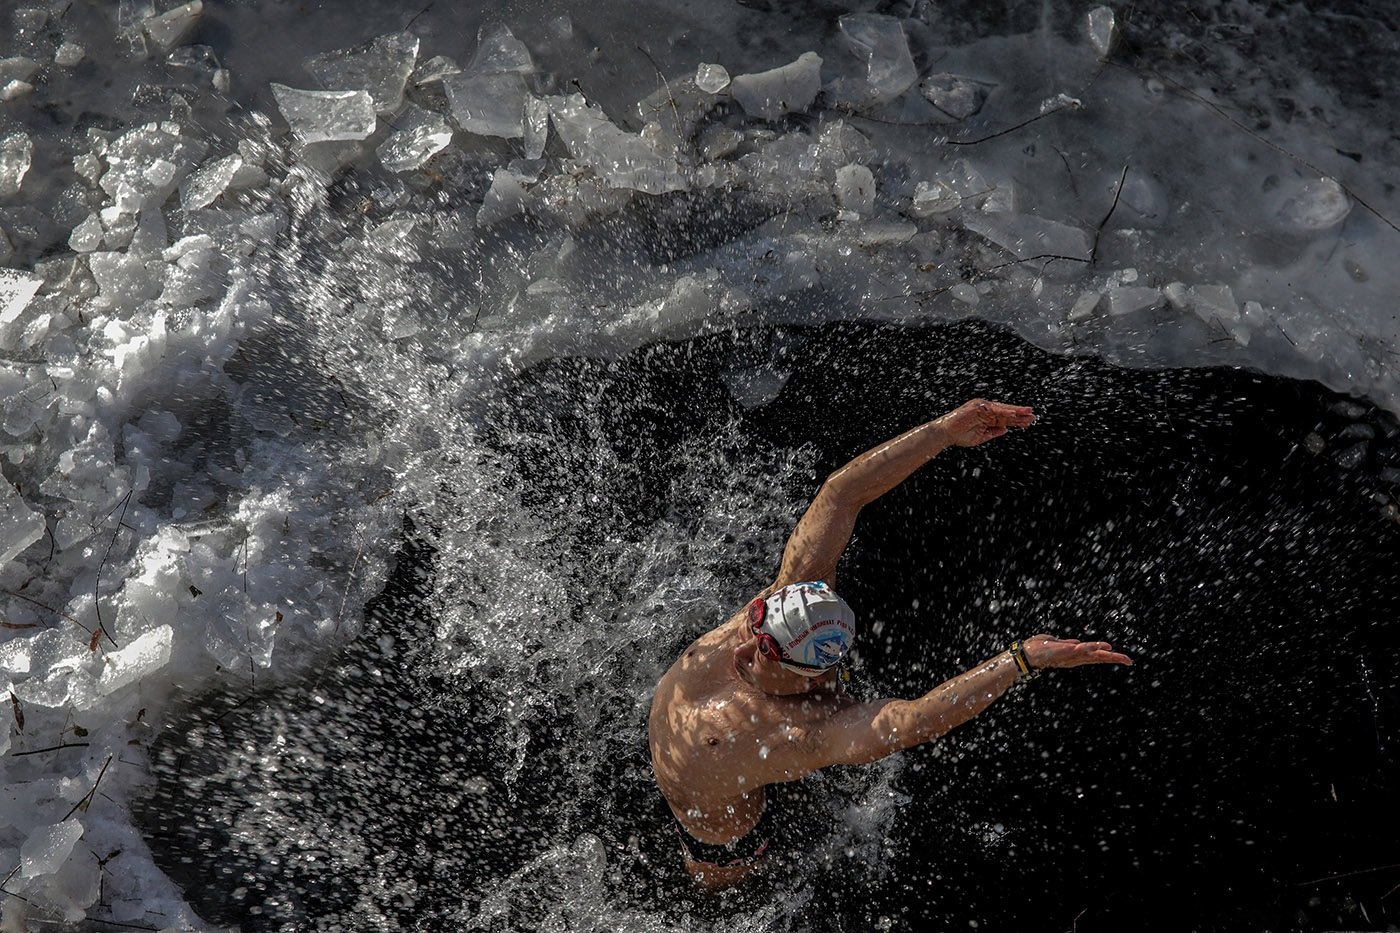 嚴寒並沒能令北京的冬泳愛好者卻步,依然有人在已部分結冰的河裏暢遊。